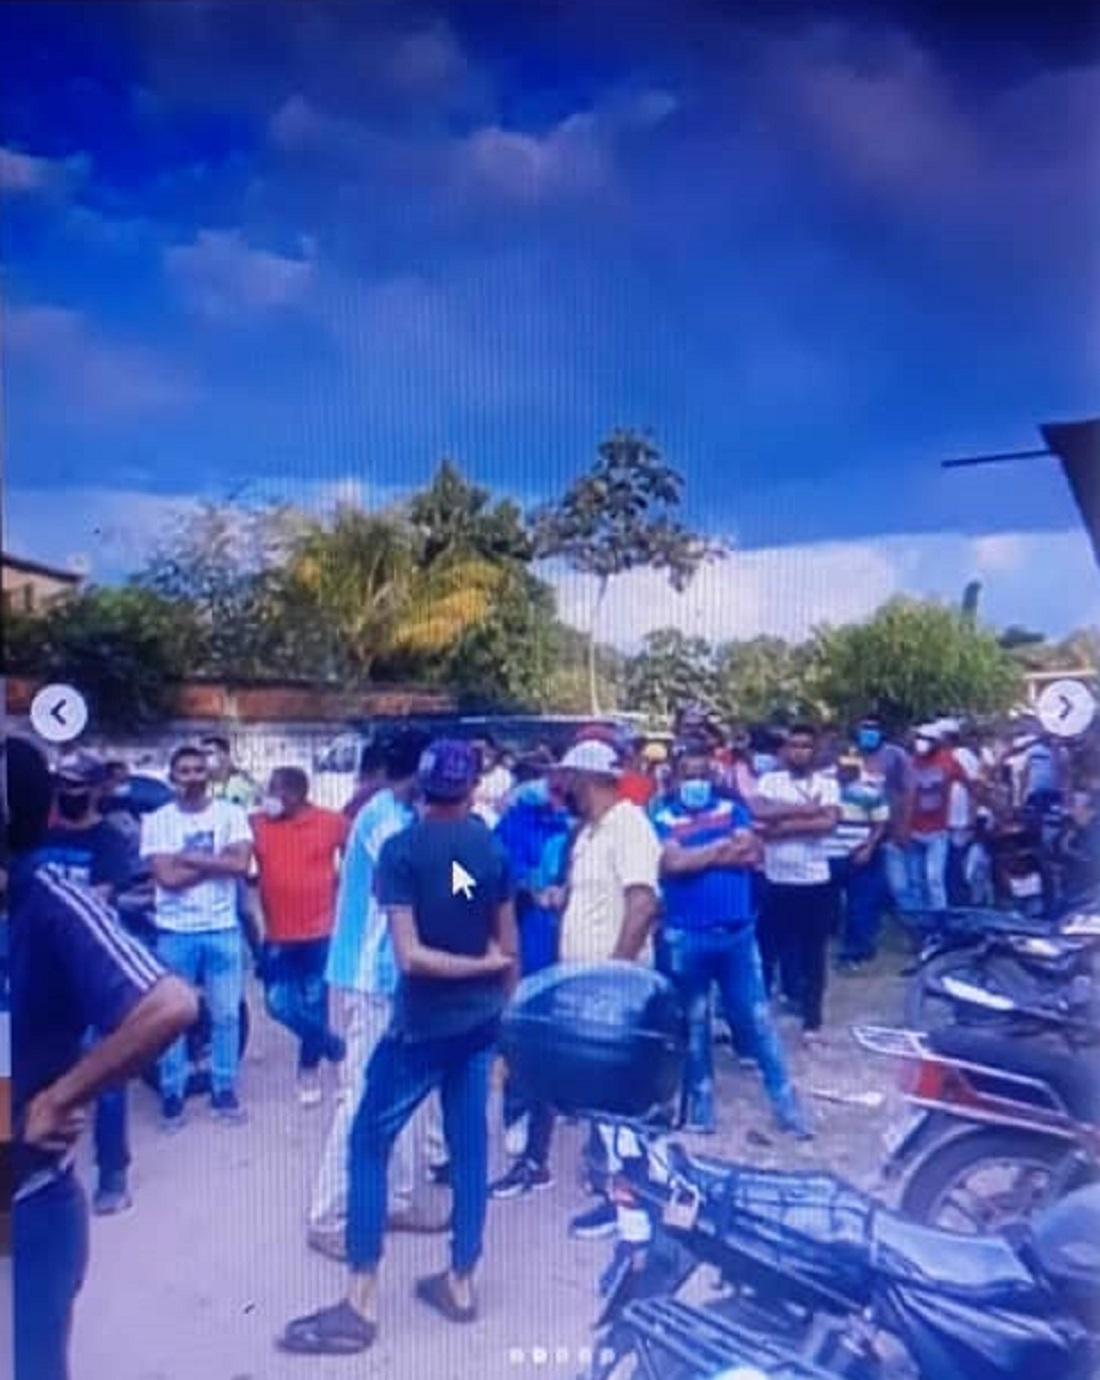 Cierran y desalojan club social en Los Chorros - Cierran y desalojan club social en Los Chorros